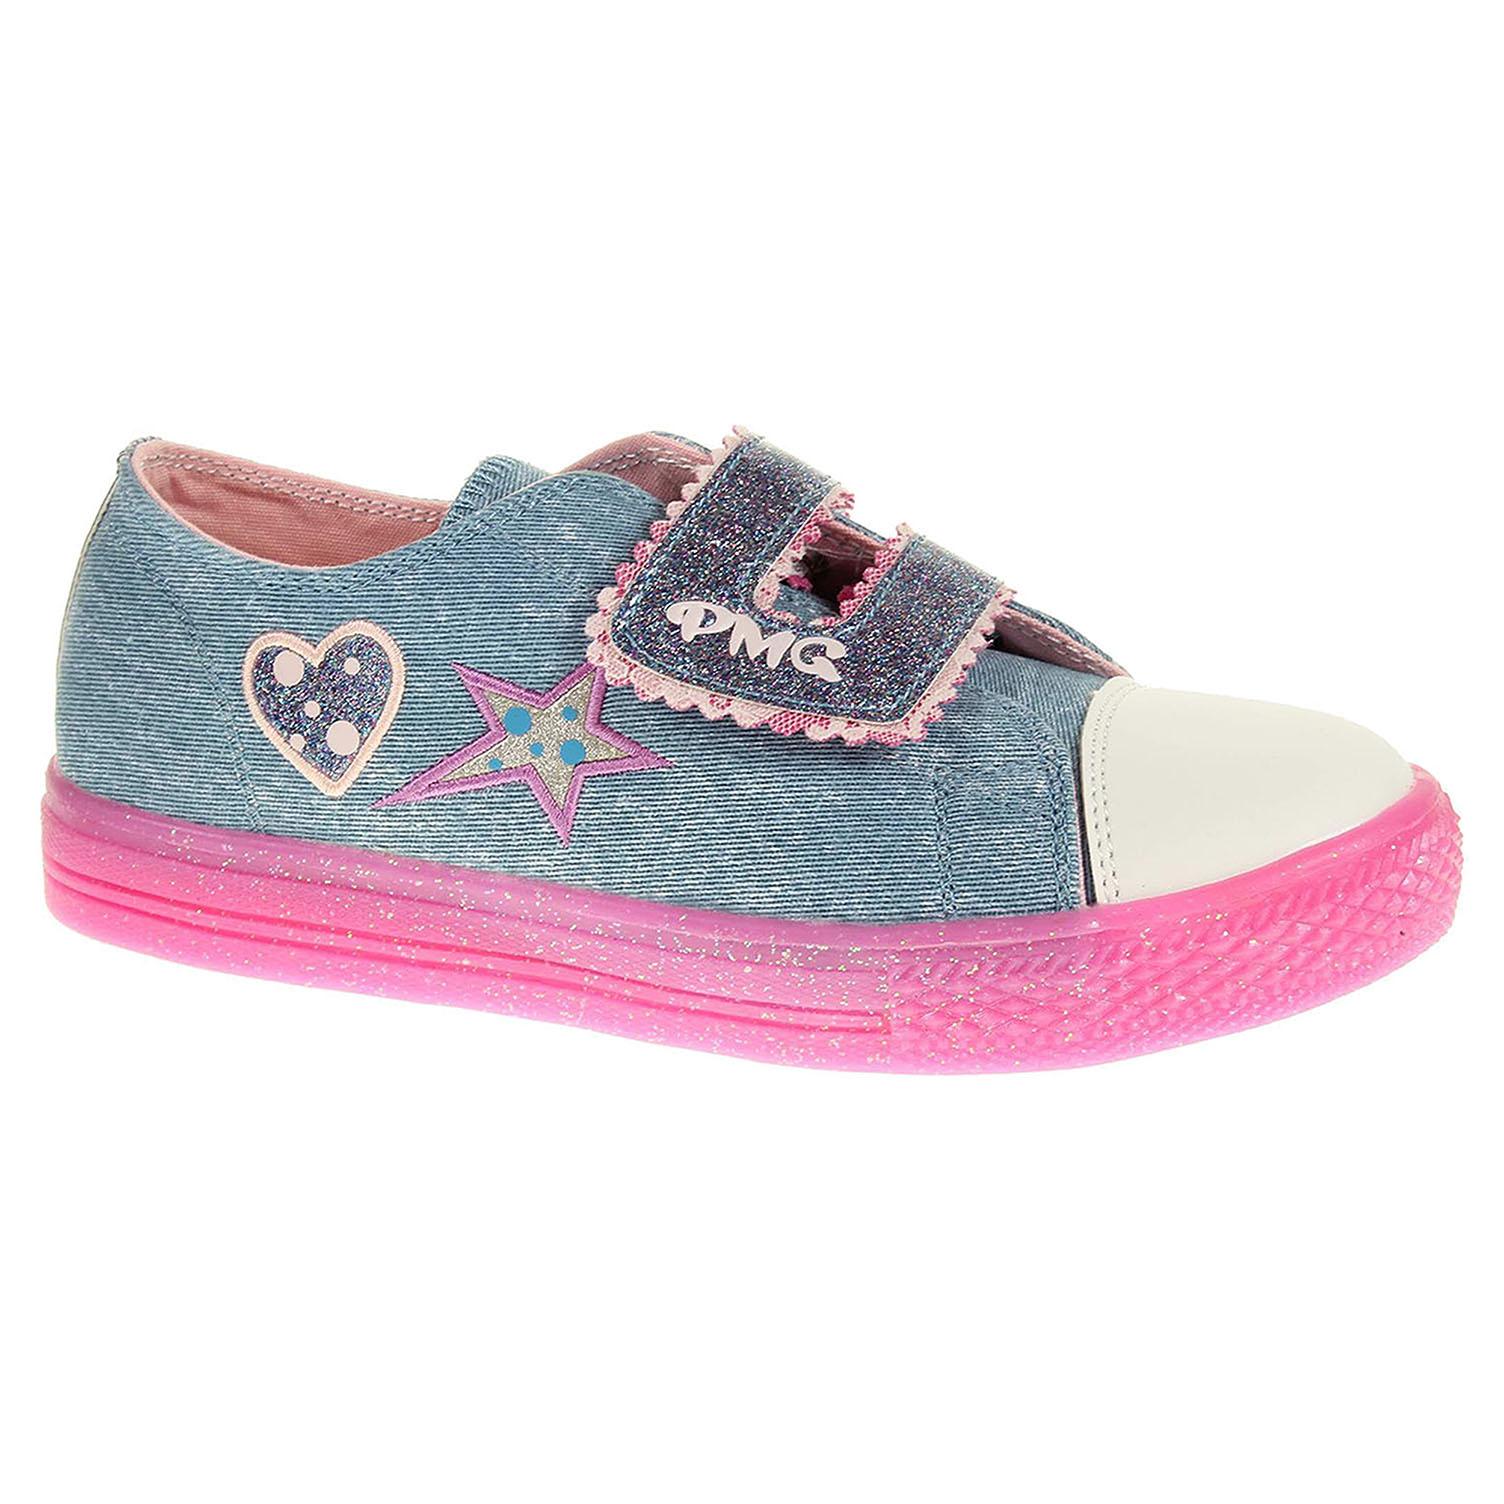 Dívčí obuv Primigi 7329000 modrá 7329000 31